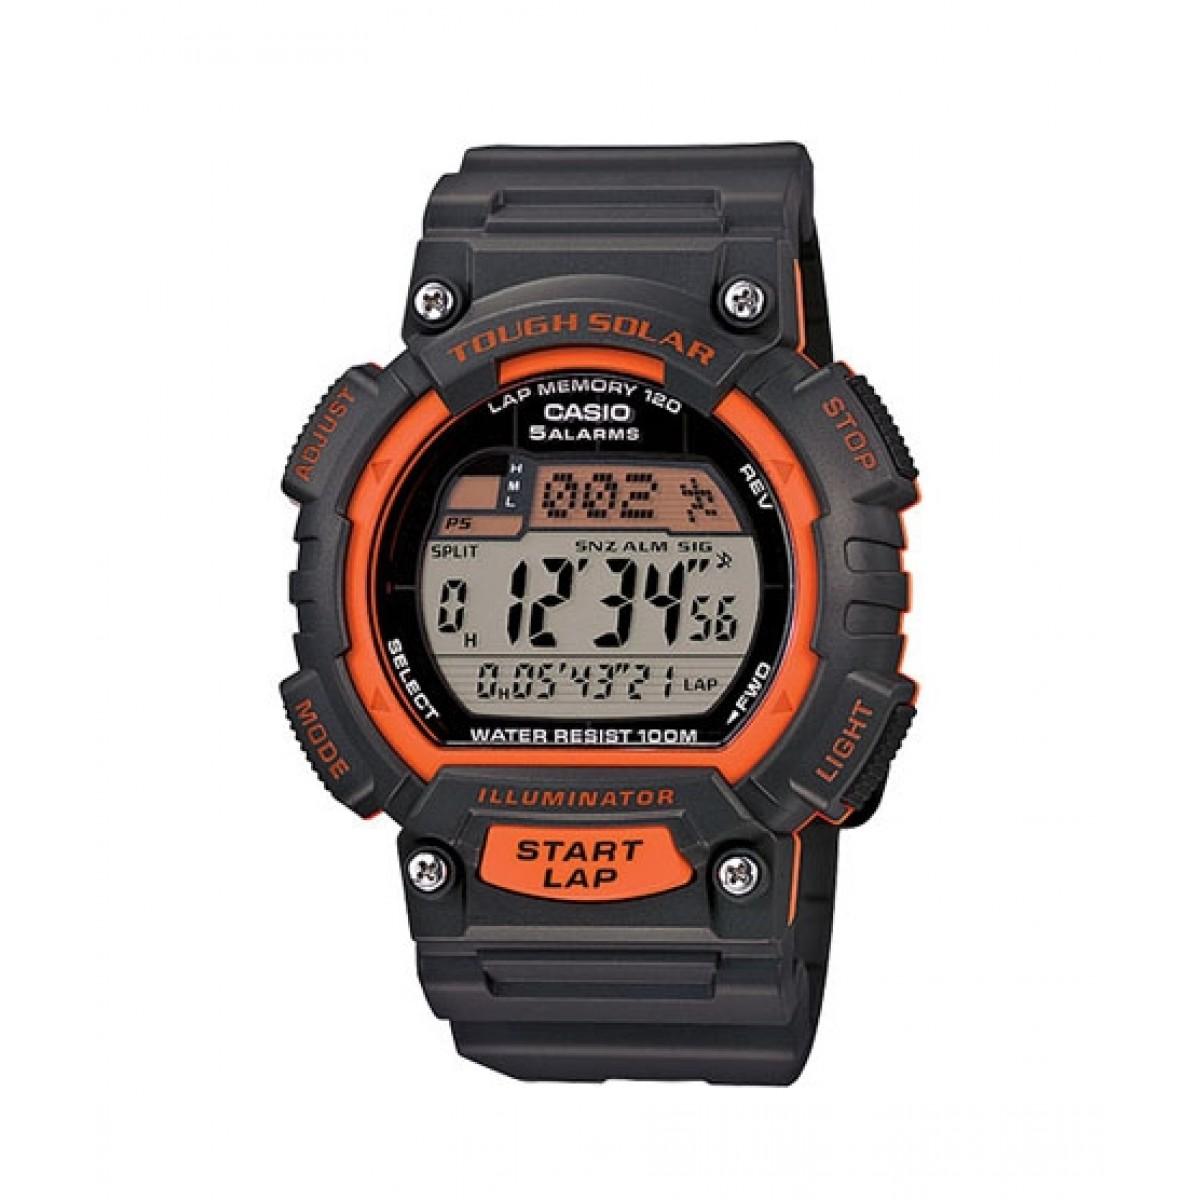 01c7d46312ab Casio Men s Watch Price in Pakistan